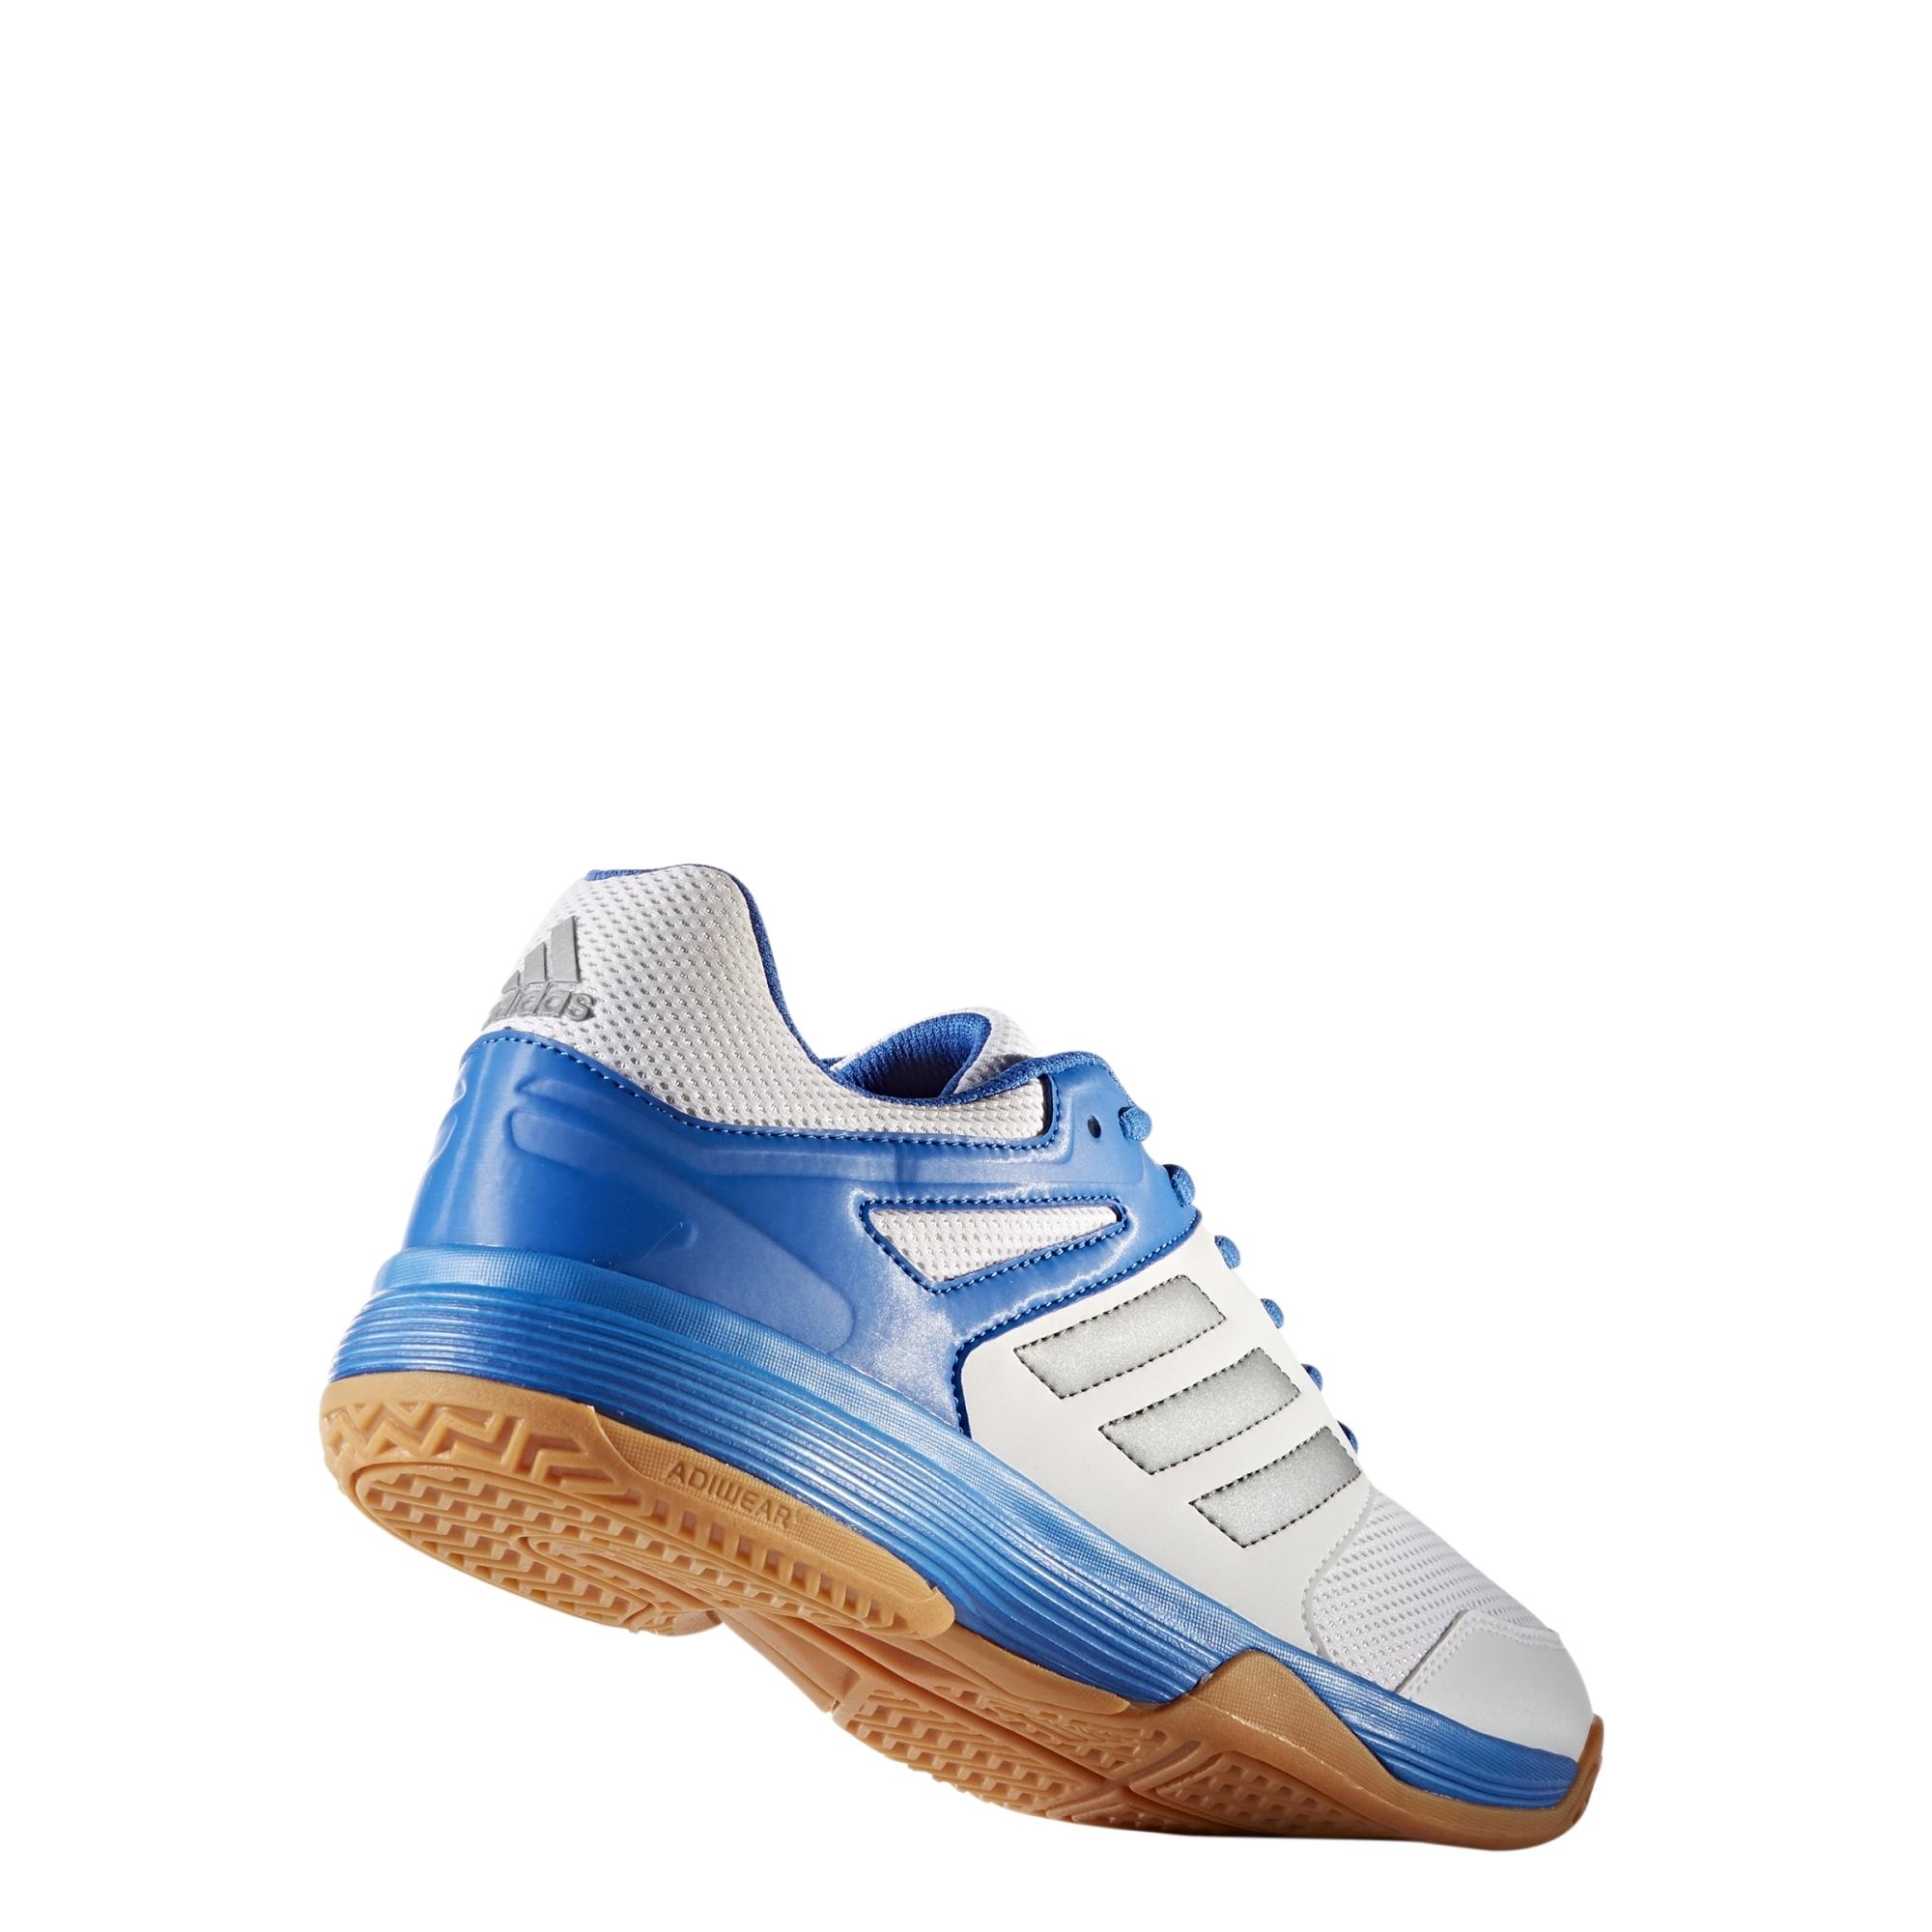 Zu Turnschuhe Herren Schuhe Speedcourt Hallenschuhe M Details 8 Adidas Sportschuhe Indoor HWe2YD9EIb